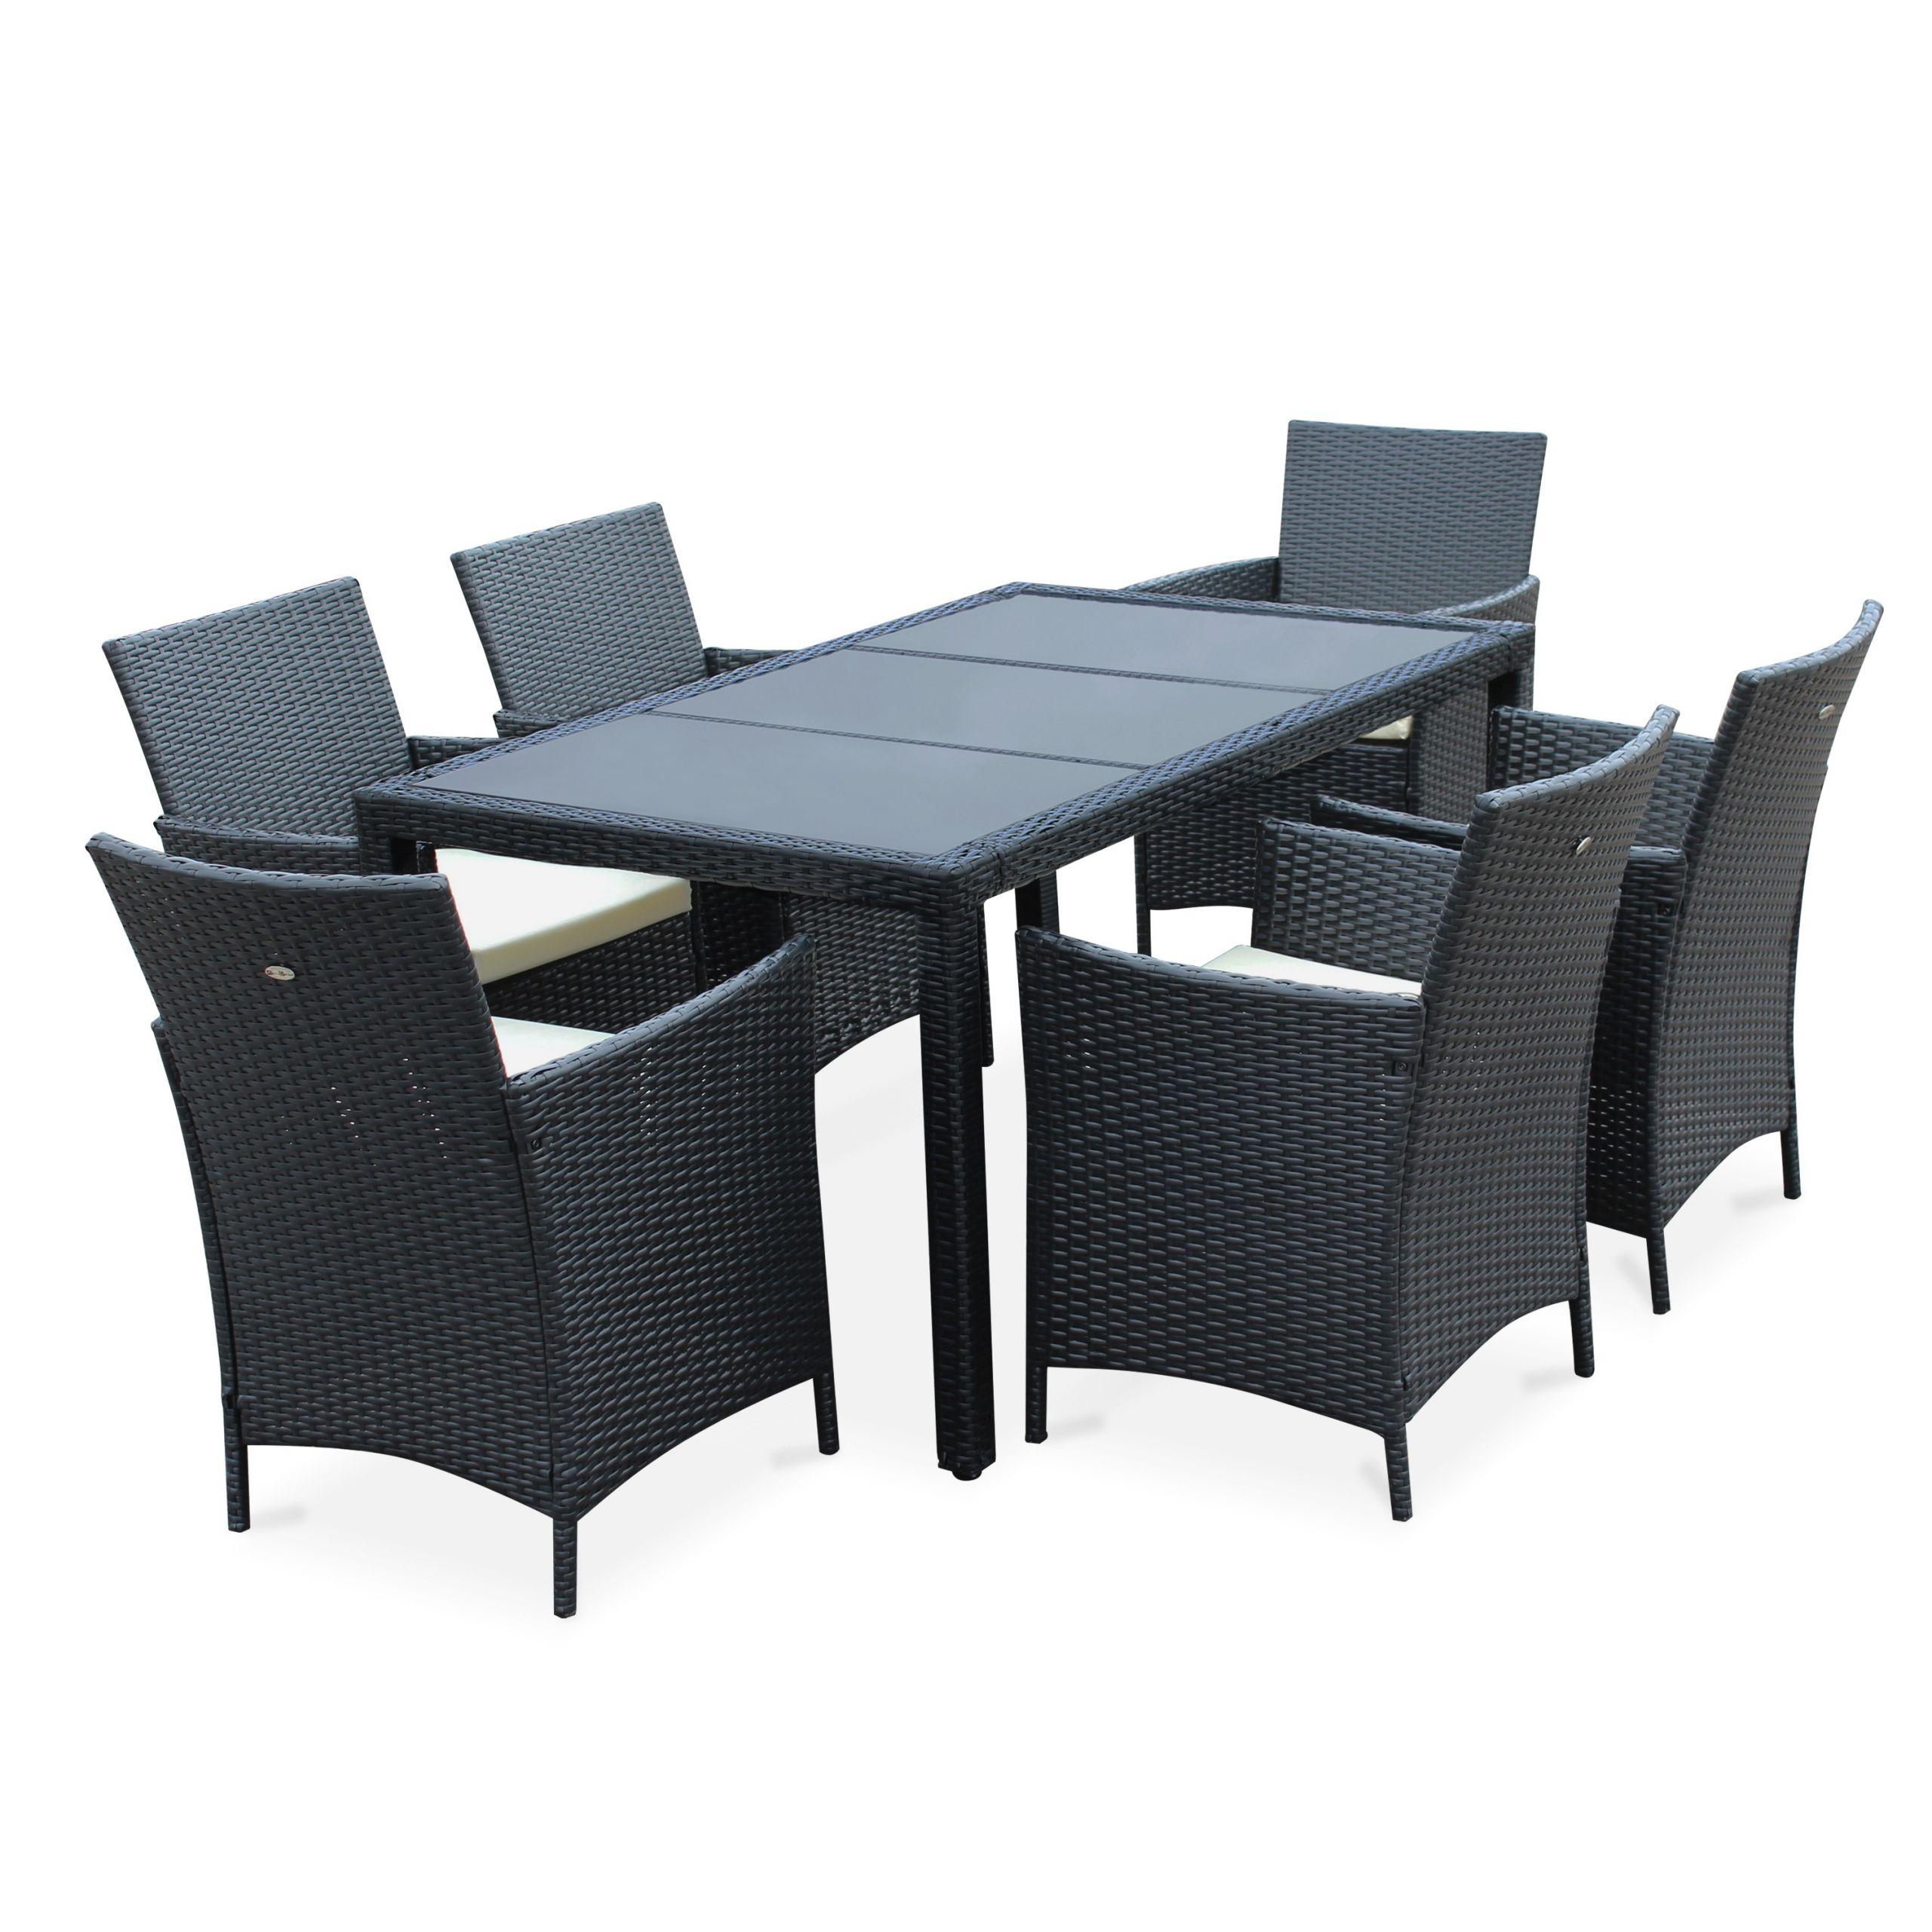 Table De Jardin Résine Tressée Table Jardin Remorquage Enlevement épave